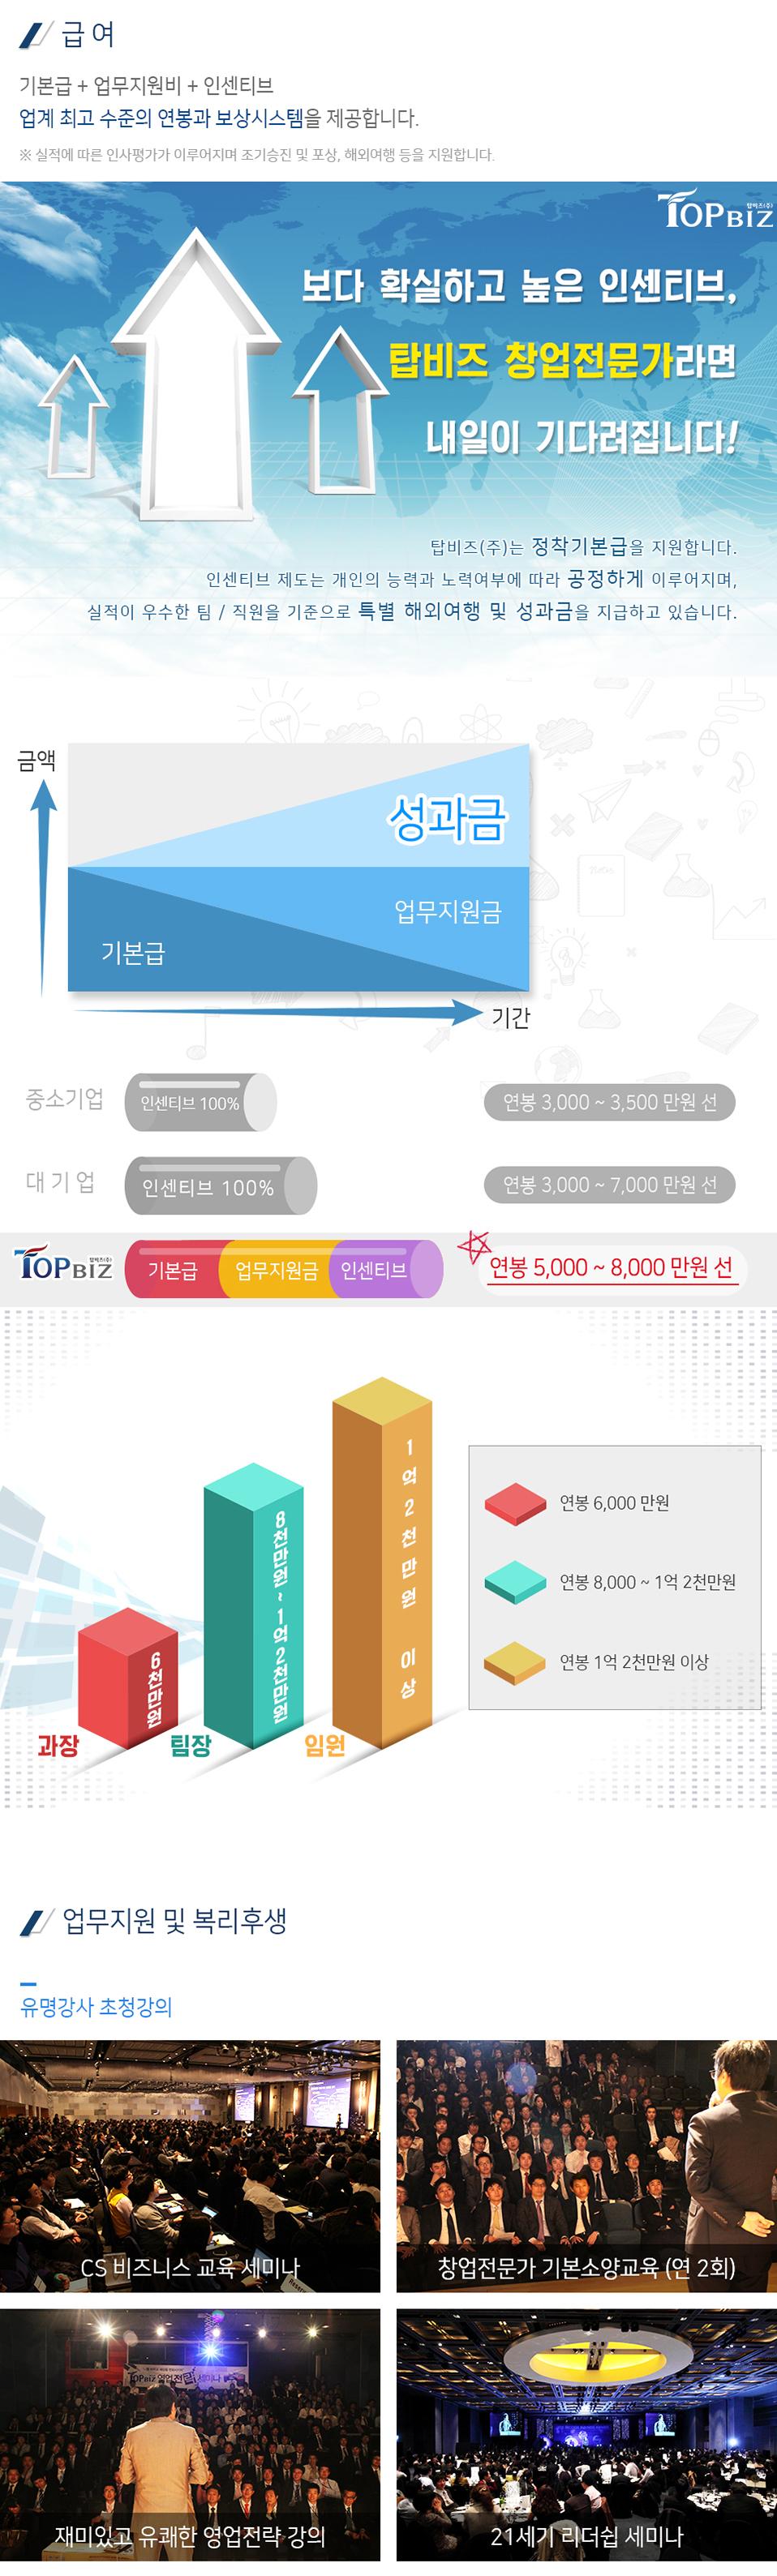 2018년 각 부문별 신입사원(경력) 채용